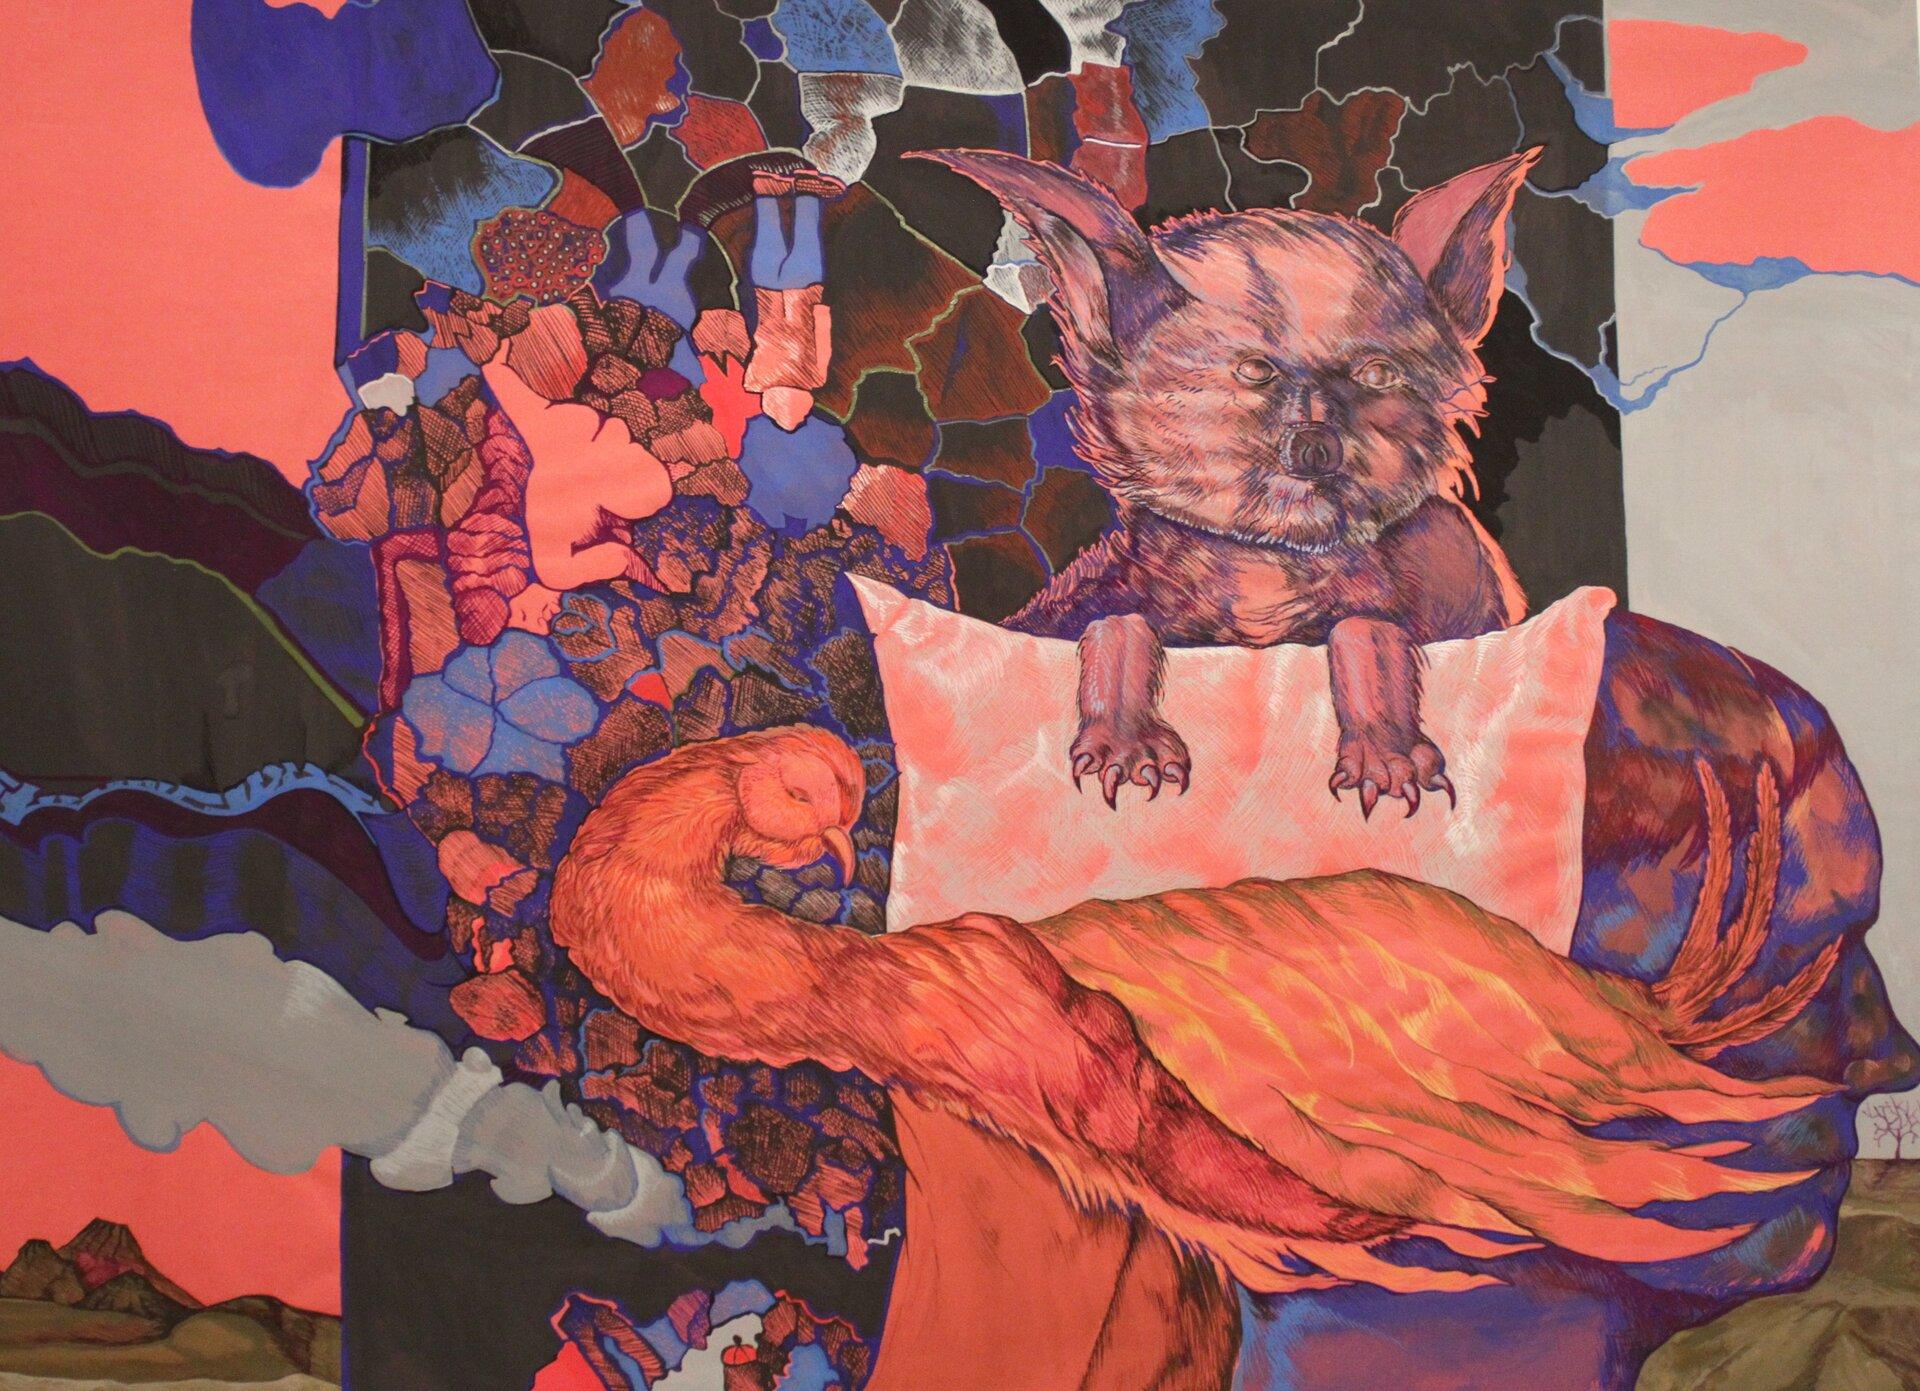 """Ilustracja przedstawia obraz """"Kot"""" autorstwa Michała Trägera. Dzieło ukazuje kompozycję, wktórej centrum znajduje się kot przykryty poduszką oraz śpiący ptak zdługą szyją. Namalowana drobnymi, niebieskimi kreseczkami postać kota robi ponure, demoniczne wrażenie – ma malutkie oczka iszpiczaste uszy. Łapy zdużymi, rozczapierzonymi pazurami leżą sztywno na poduszce. Kot jakby czuwał nad postacią pomarańczowego ptaka. Tło stanowią nieregularne, kolorowe kształty obwiedzione cienką linią, wypływające zciemnej płaszczyzny prostokąta, za którym znajduje się pejzaż zróżowo-szarym niebem. Obraz utrzymany jest wmrocznej, wąskiej tonacji. Zielenie, granaty iszarości ocieplają plamy oranżu ijaskrawego różu. Dzieło sprawie wrażenie zawieszenia między jawą asnem, między figuracją aabstrakcją. Obraz wykonany jest techniką gwaszu."""